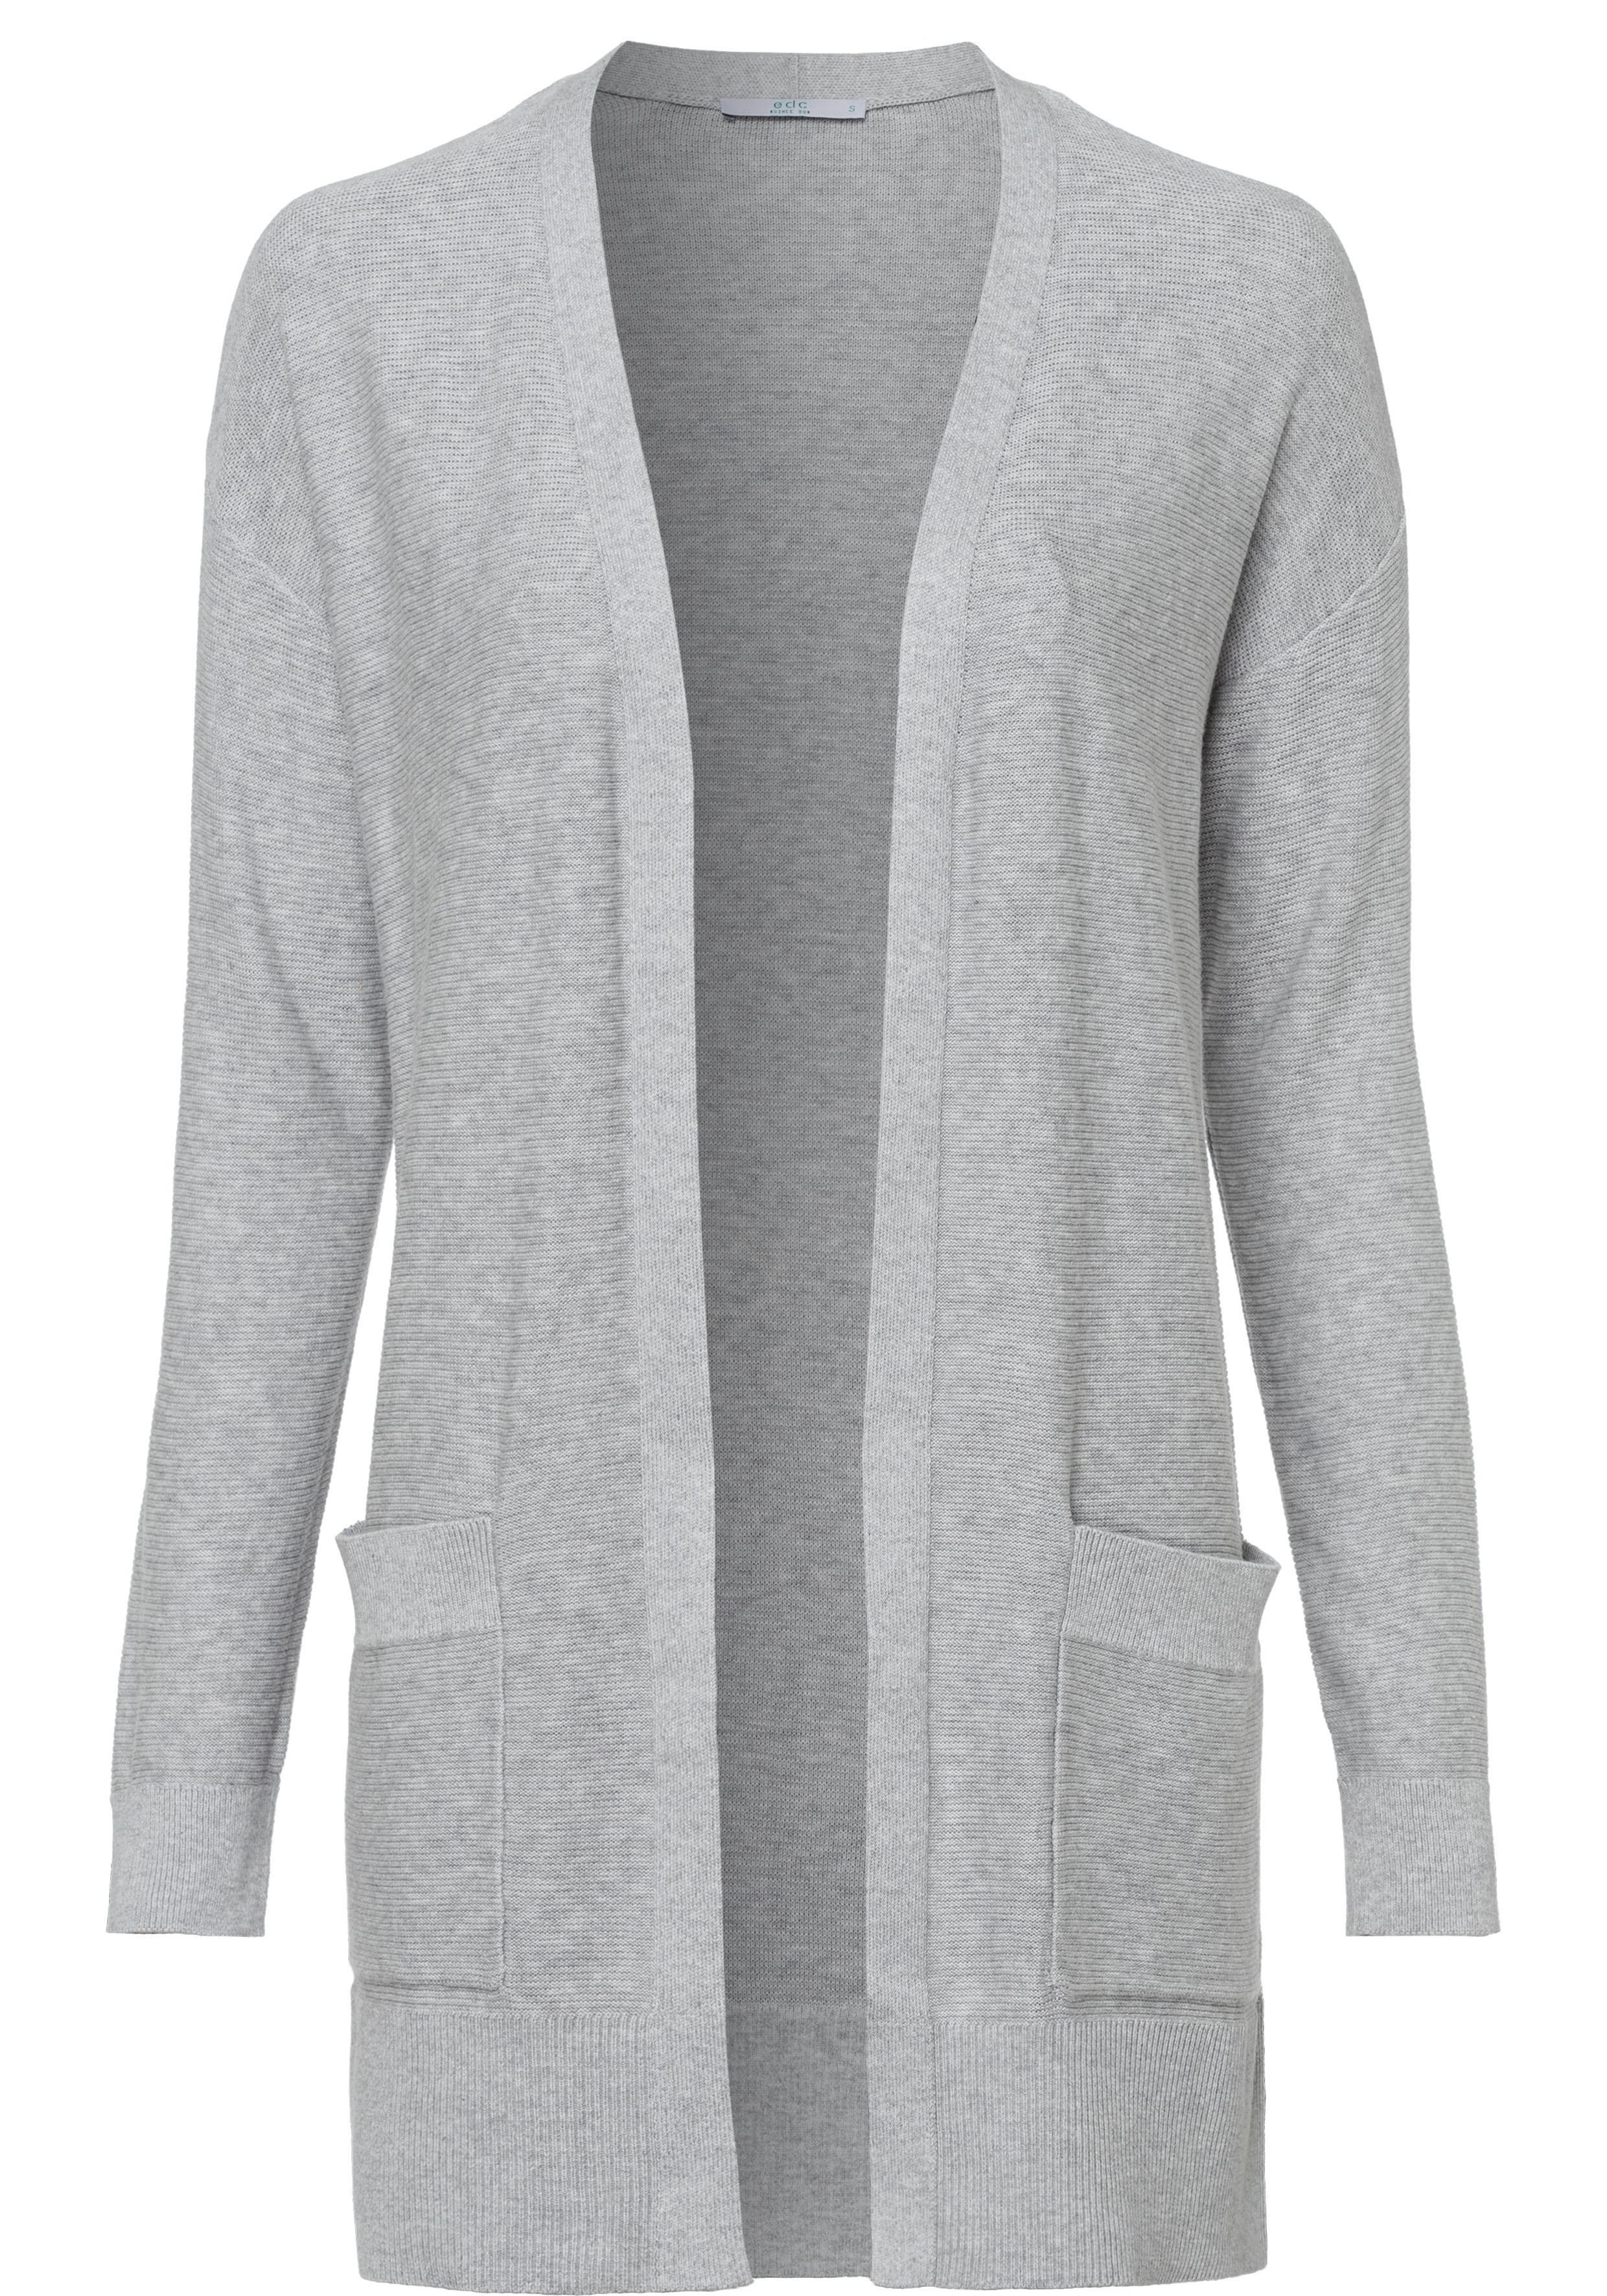 edc by esprit vest bij OTTO online kopen